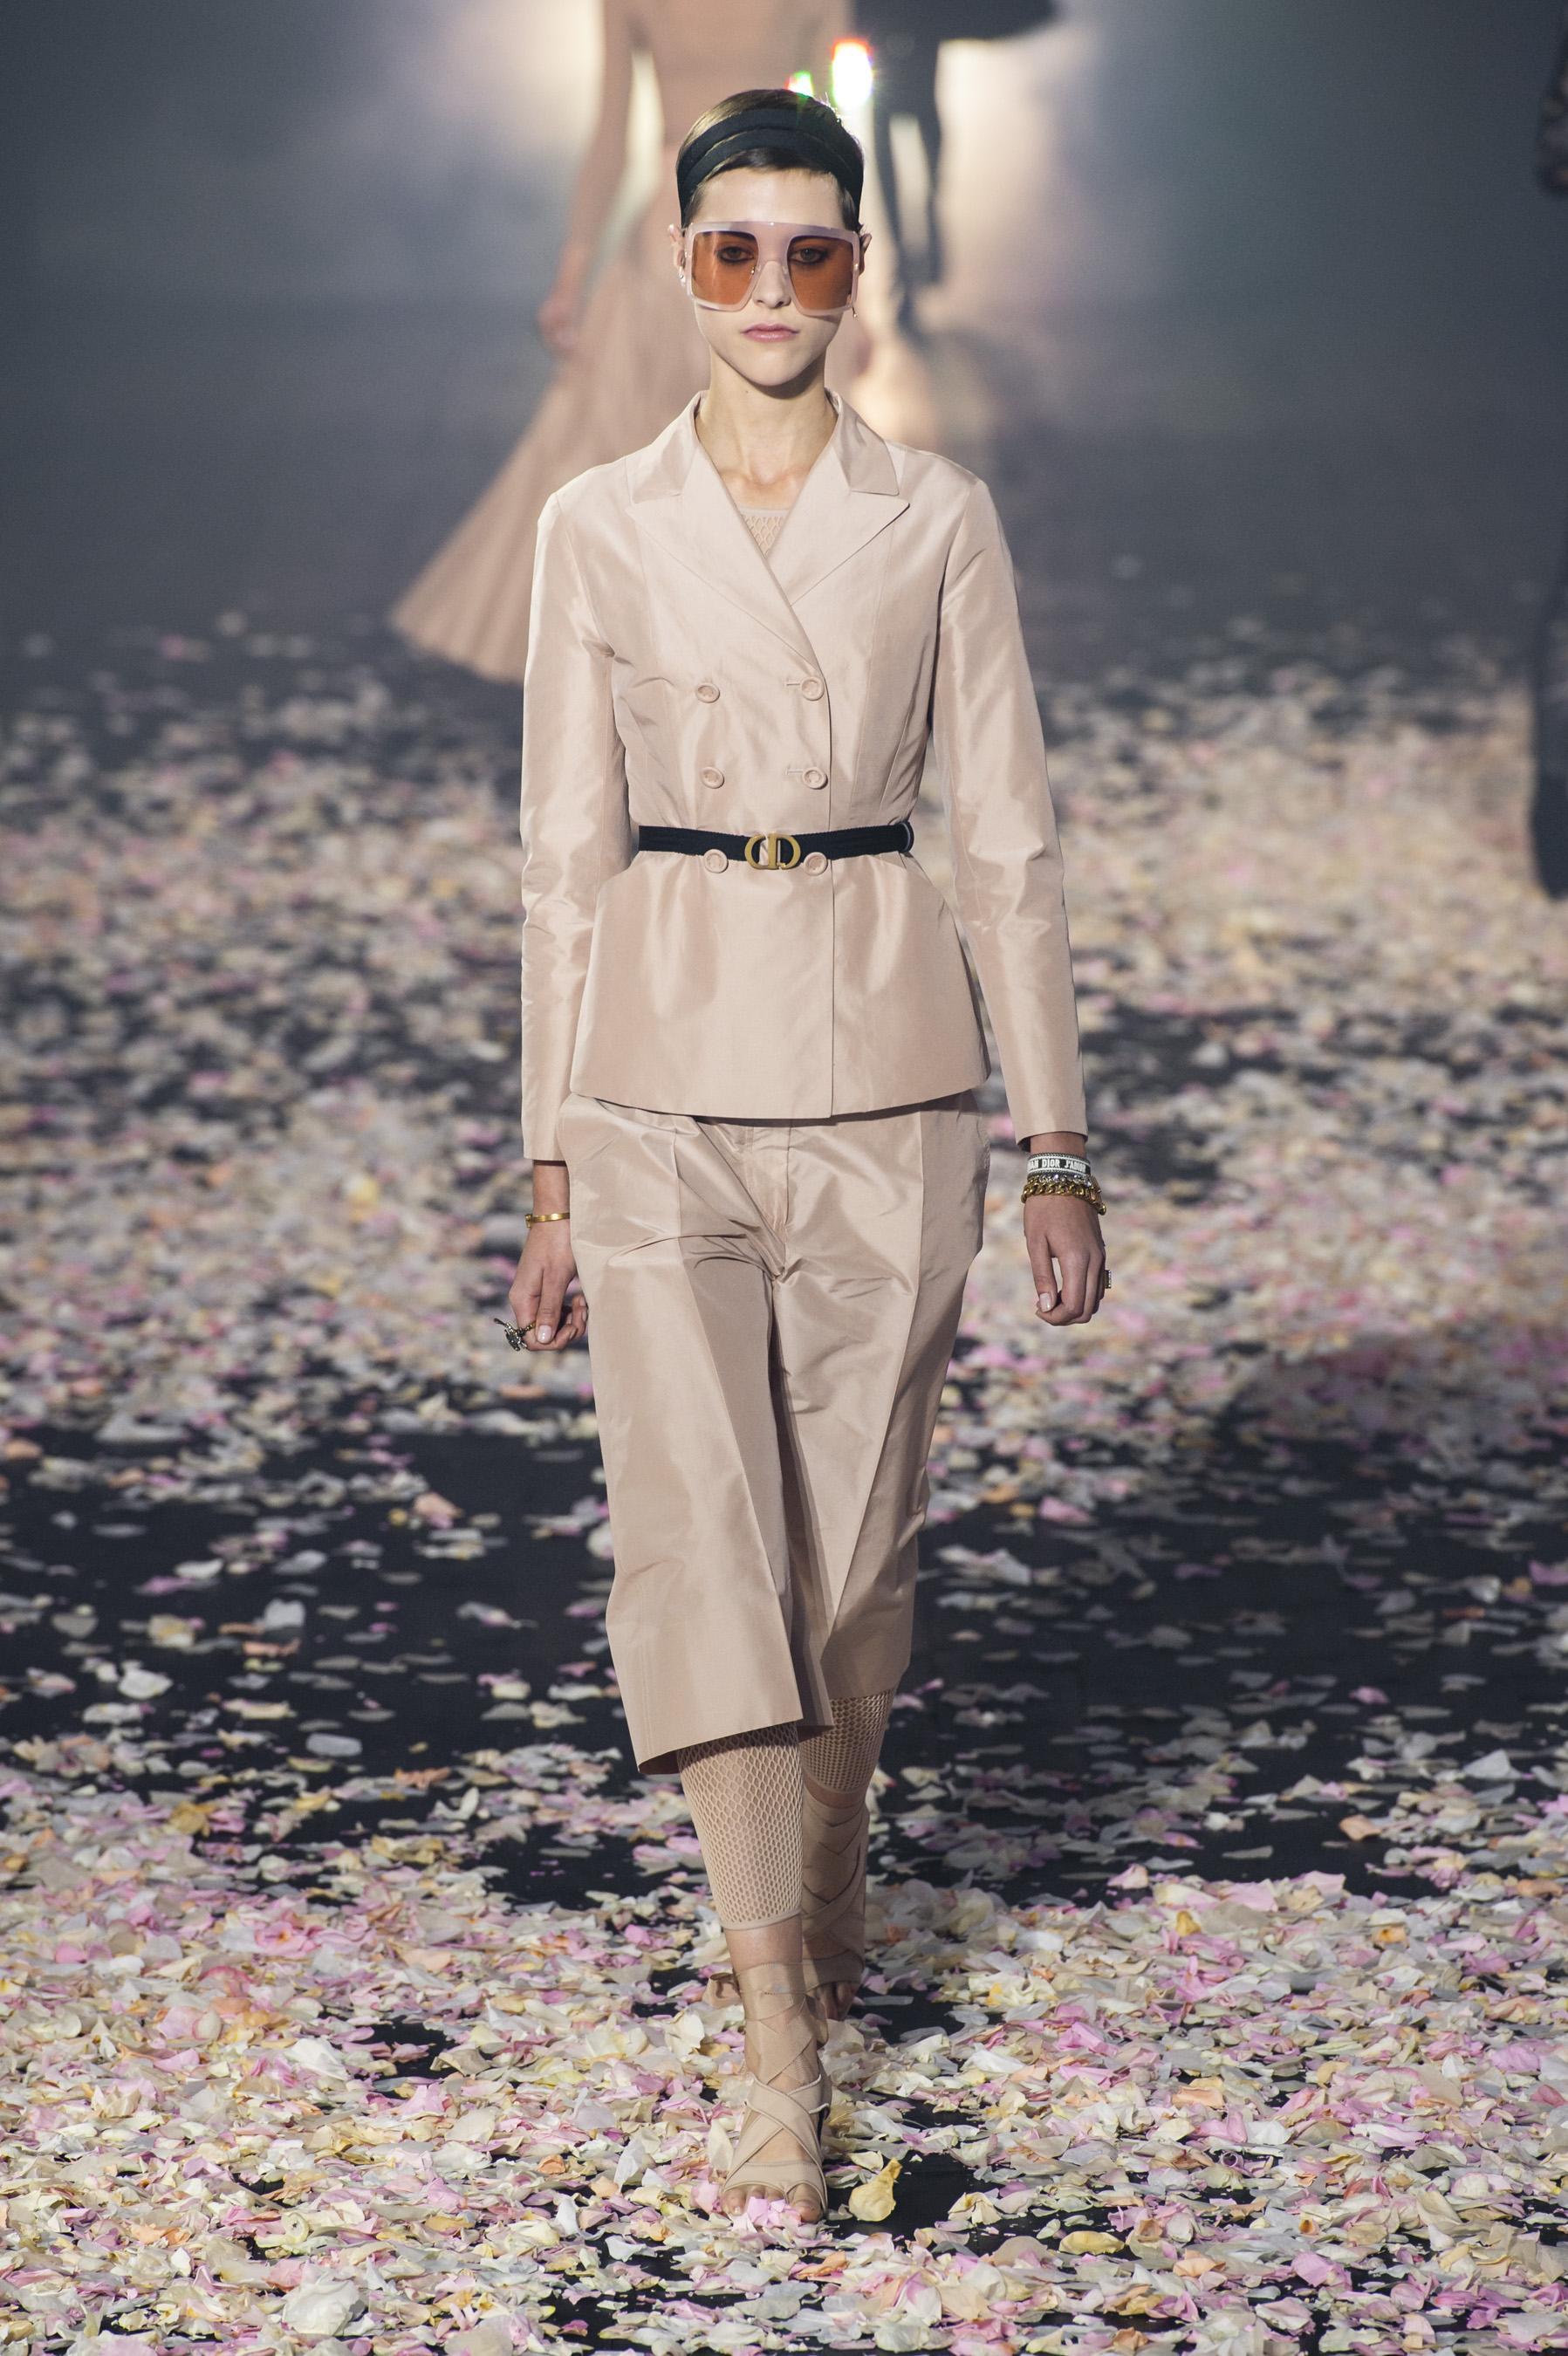 0d36d6e1e97 Défilé Christian Dior printemps-été 2019 Prêt-à-porter - Madame Figaro